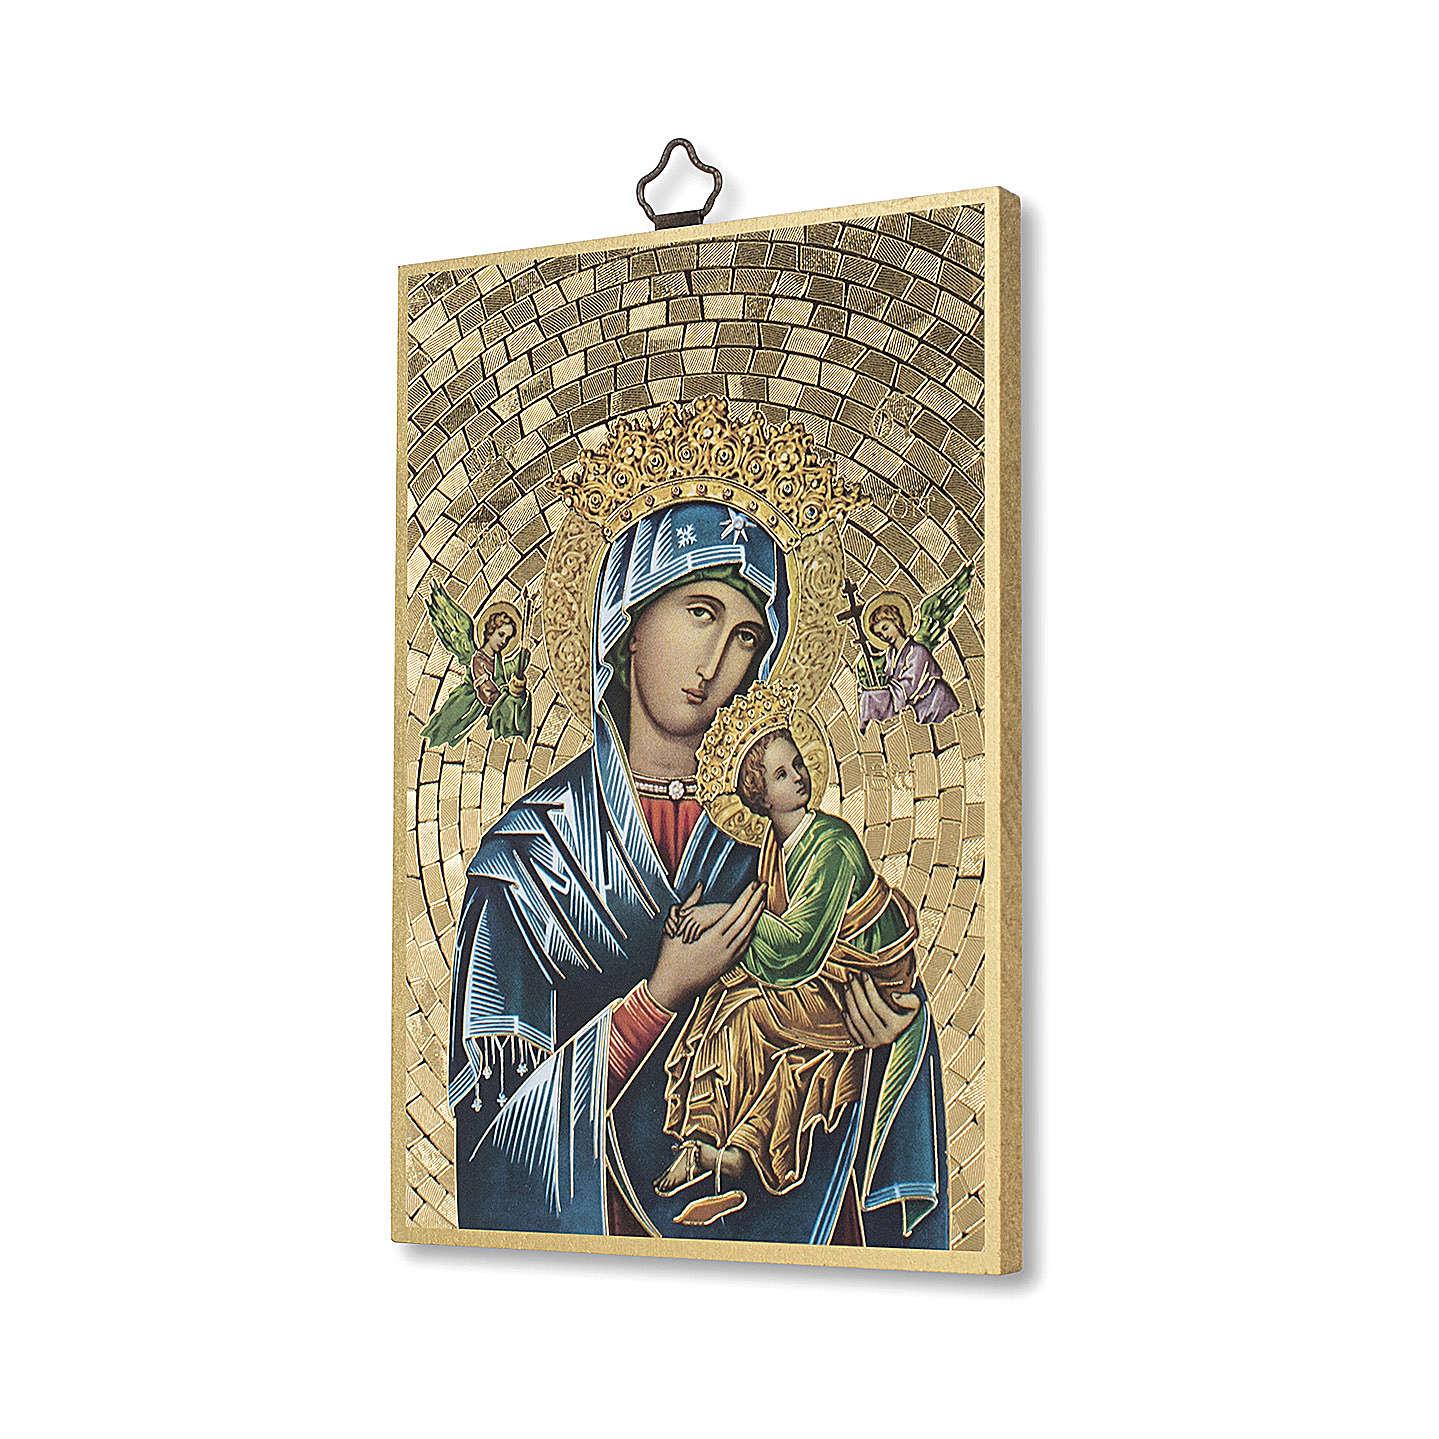 Impreso sobre madera Virgen del Perpetuo Socorro 3